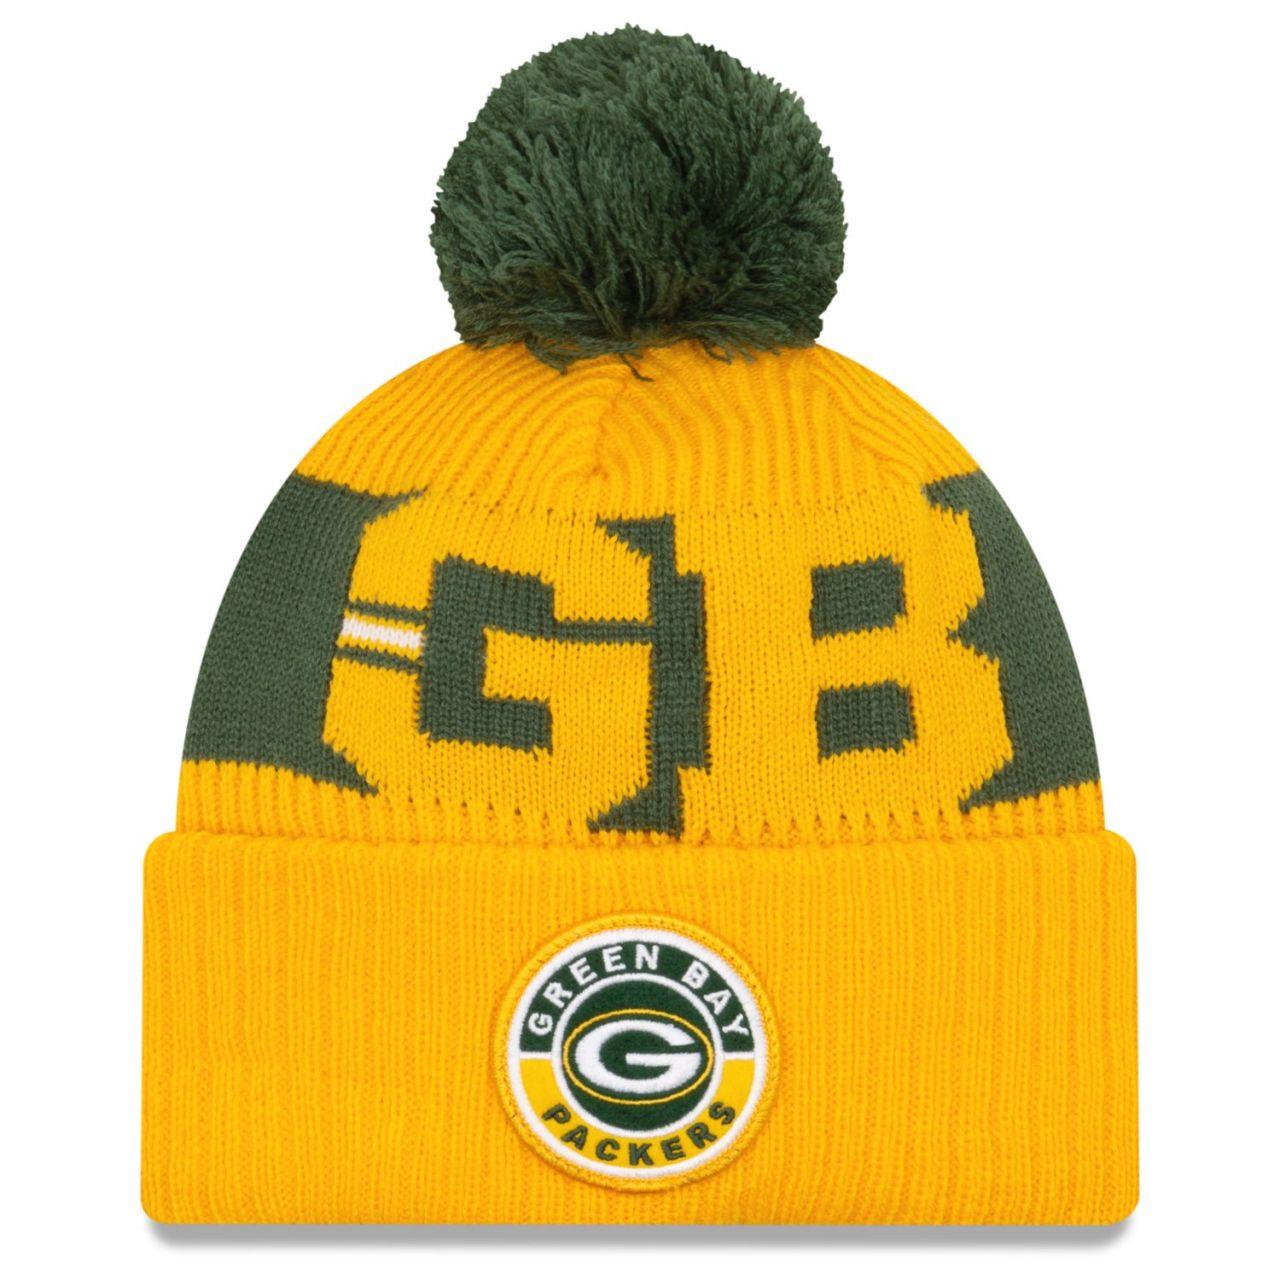 amfoo - New Era NFL ON-FIELD Sideline Mütze - Green Bay Packers II